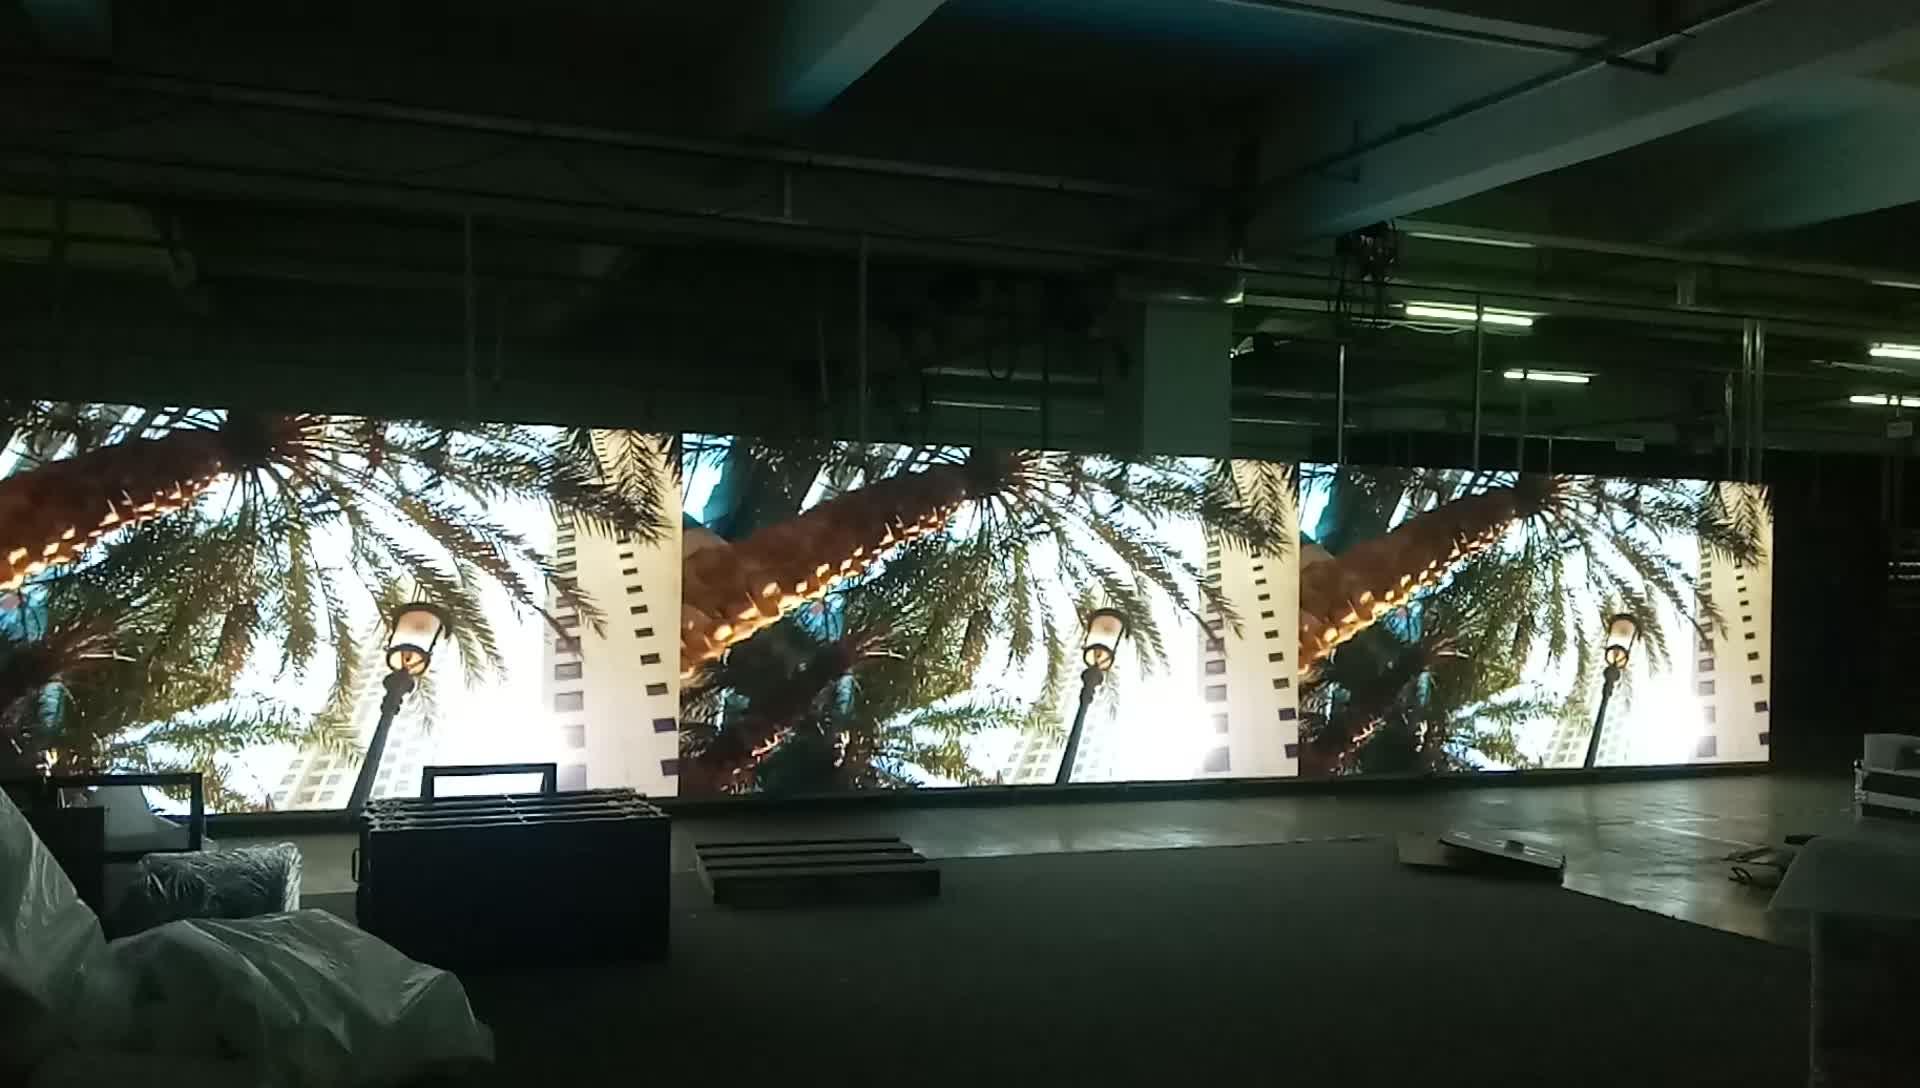 الإعلان شاشة P3.91 الشاشة ضئيلة حار المنتج أدى العرض